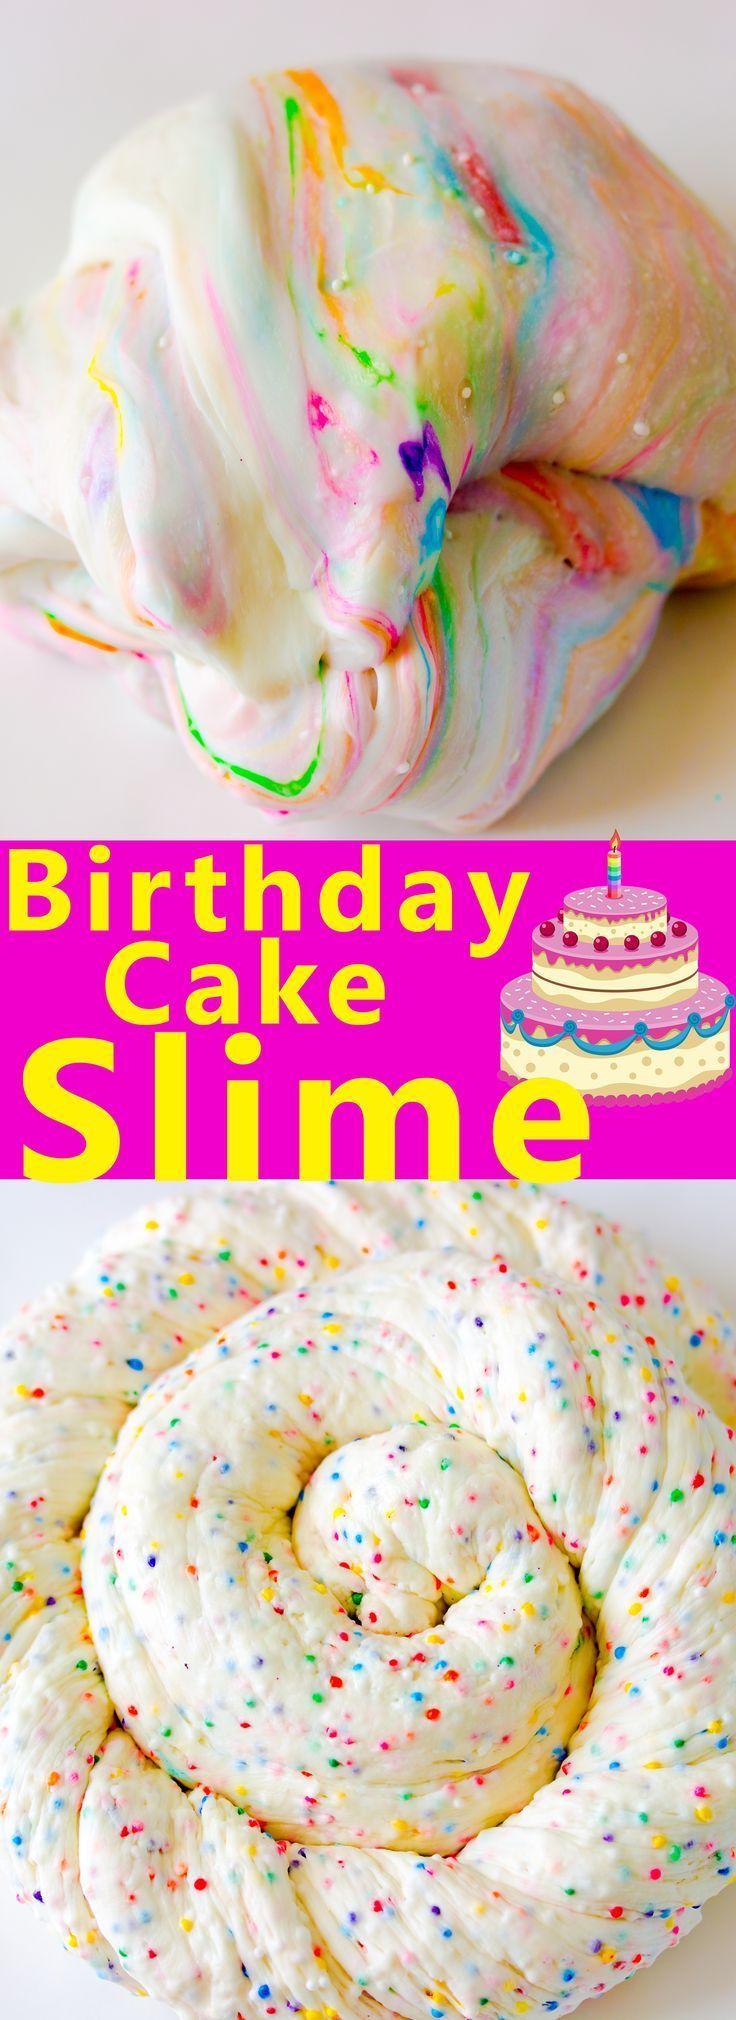 how to make easy edible slime